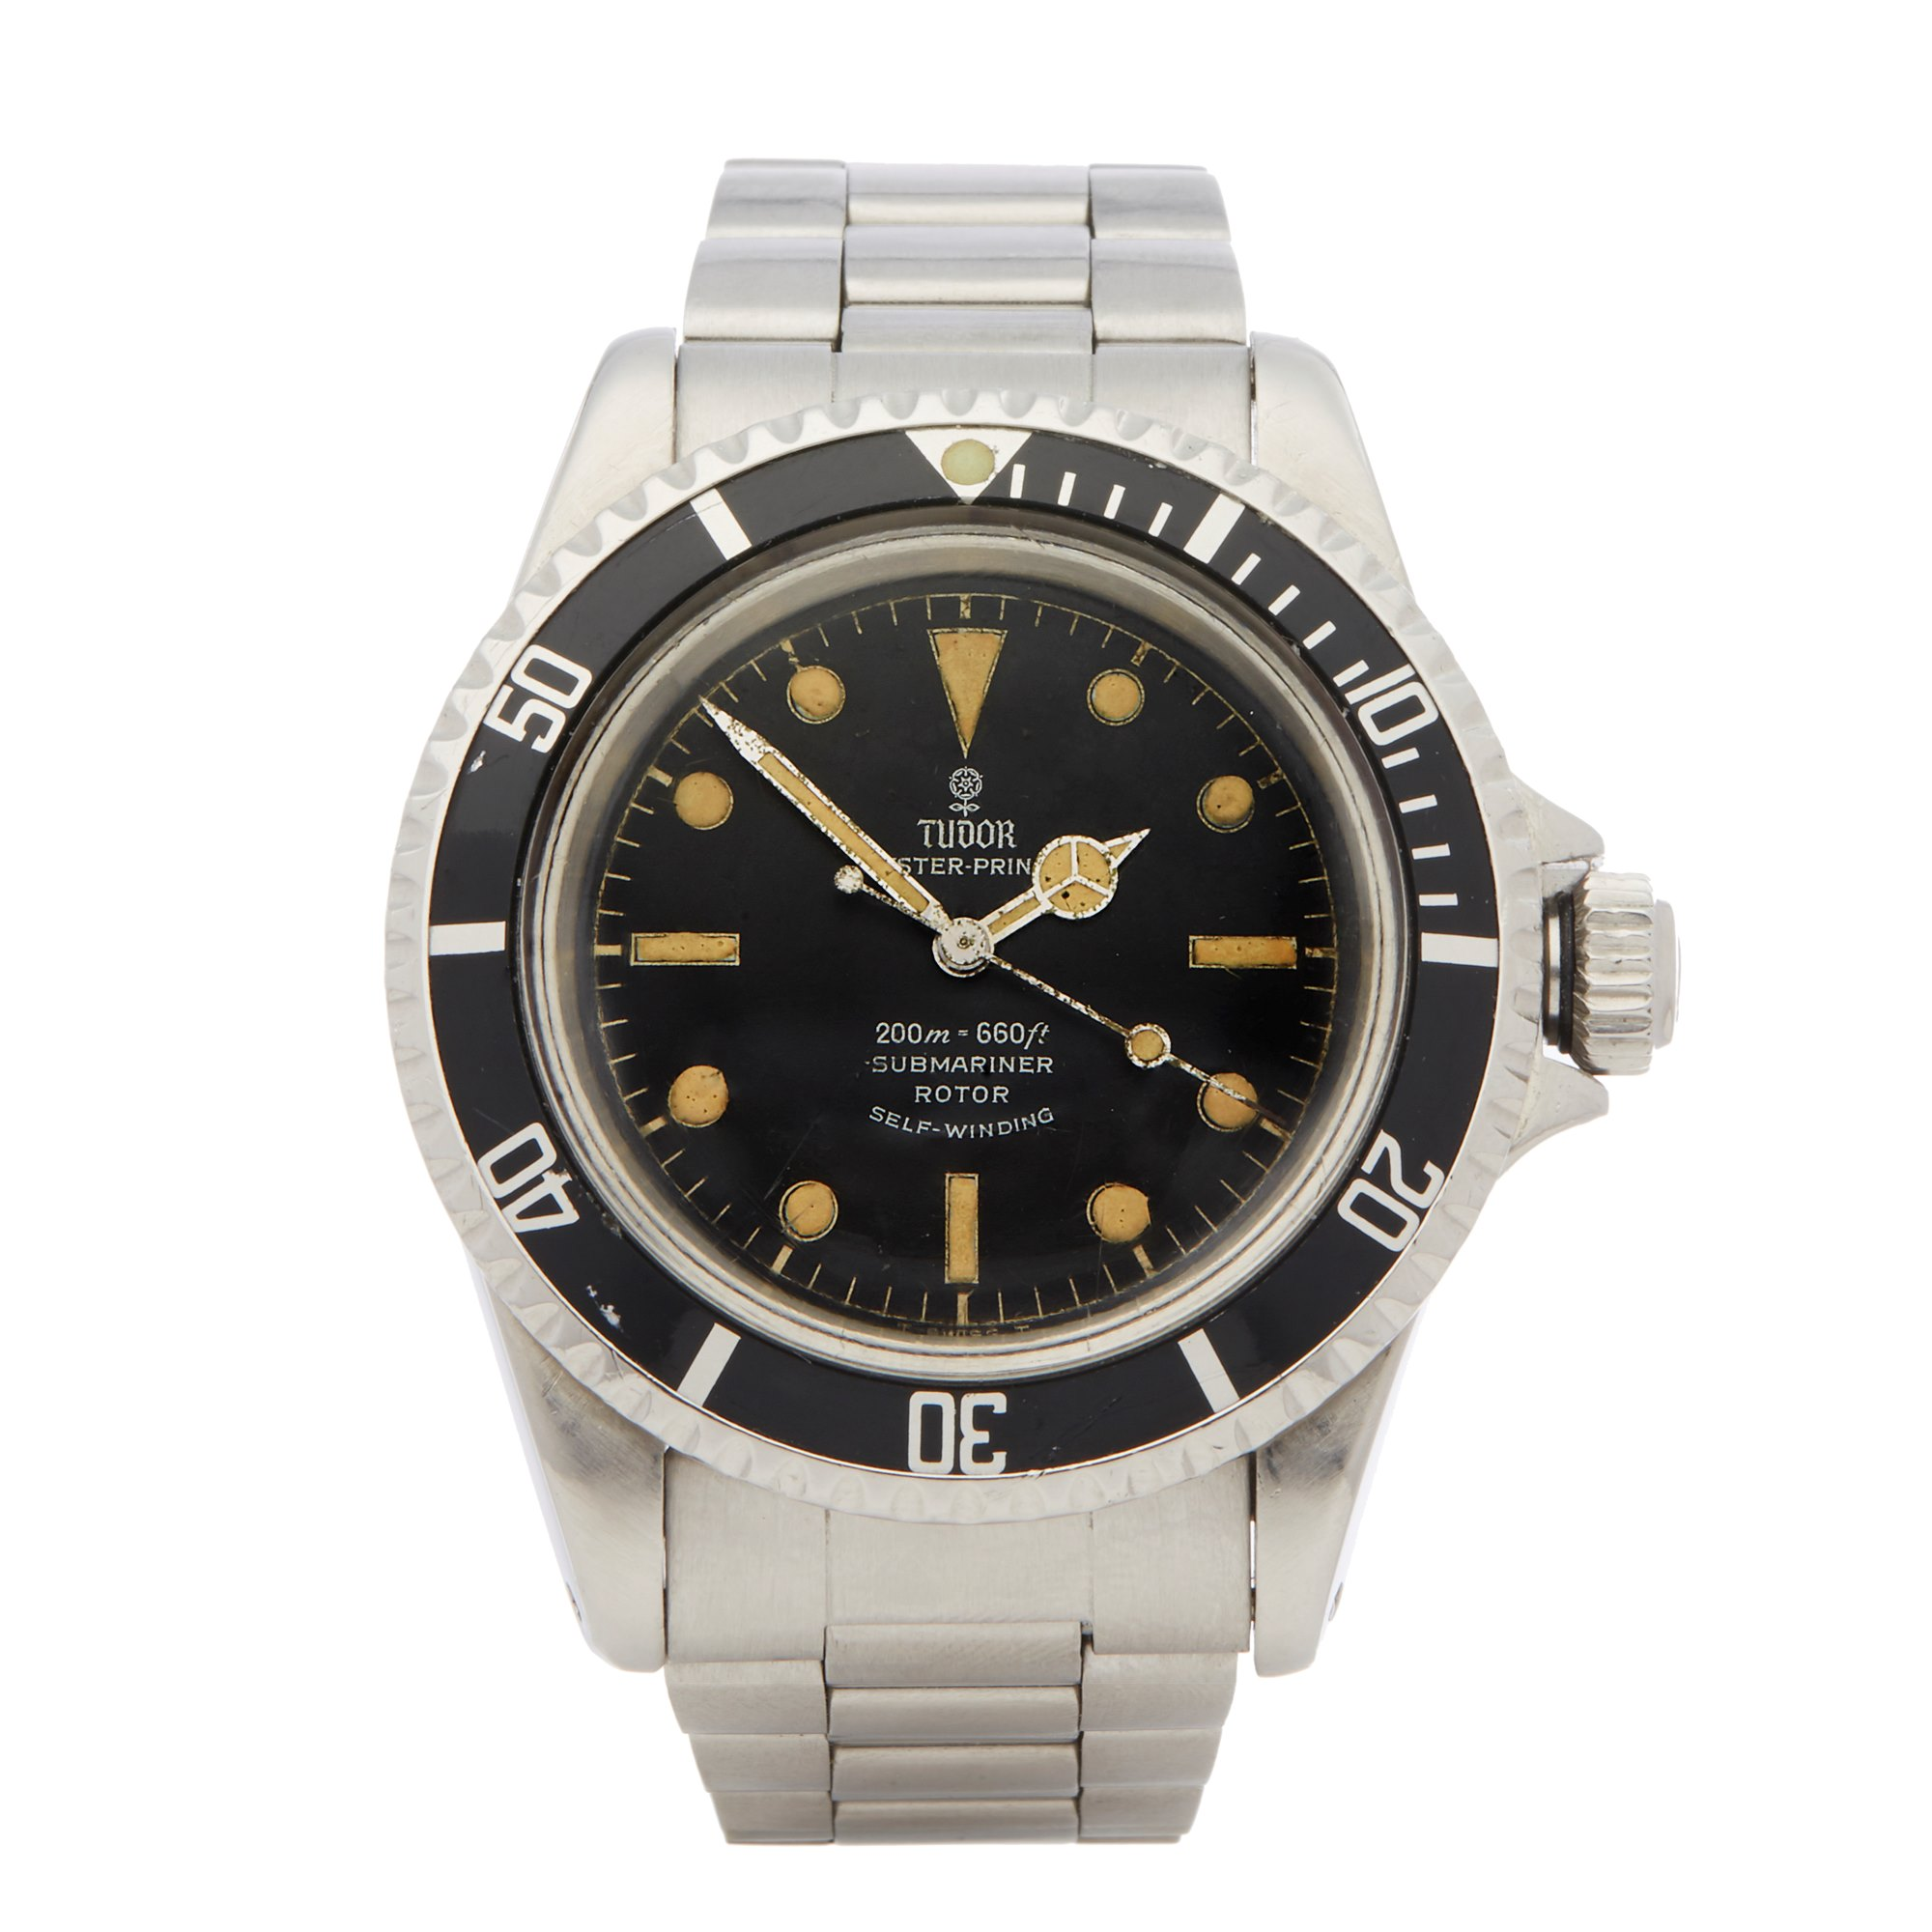 Tudor Submariner Stainless Steel 7928